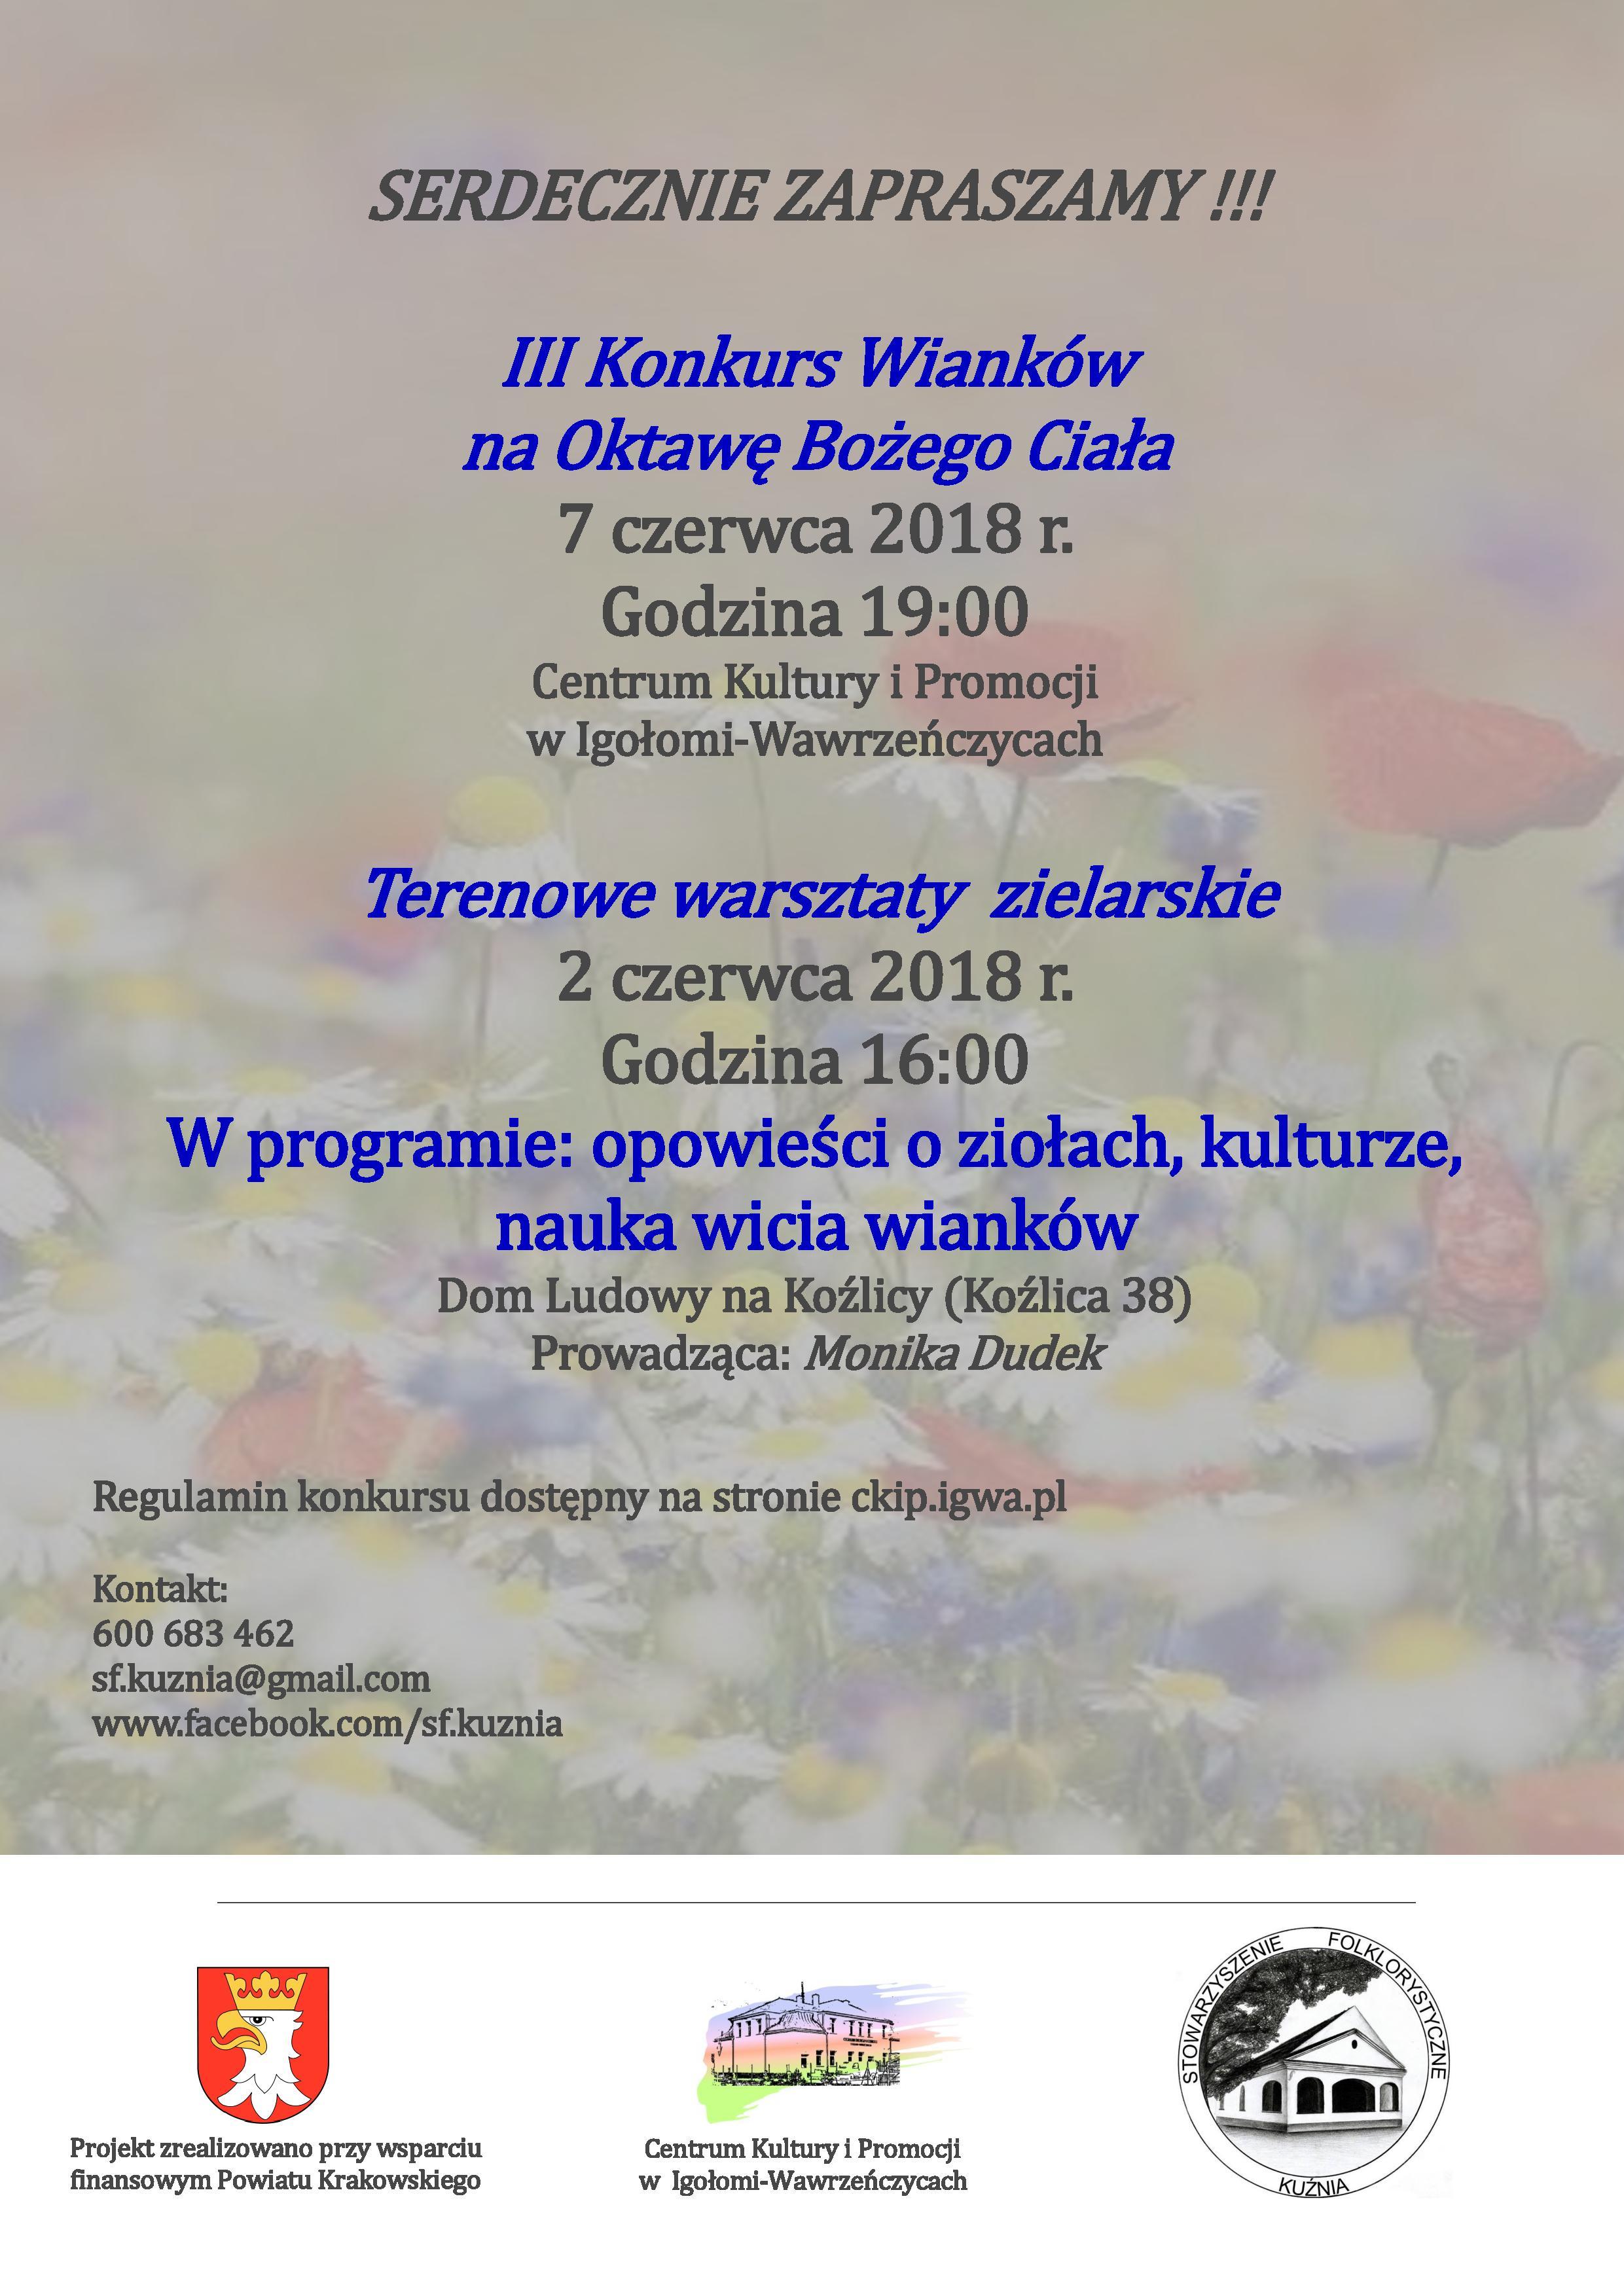 III Konkurs Wianków na Oktawę Bożego Ciała / Terenowe warsztaty zielarskie @ Dom Ludowy na Koźlicy | Koźlica | małopolskie | Polska